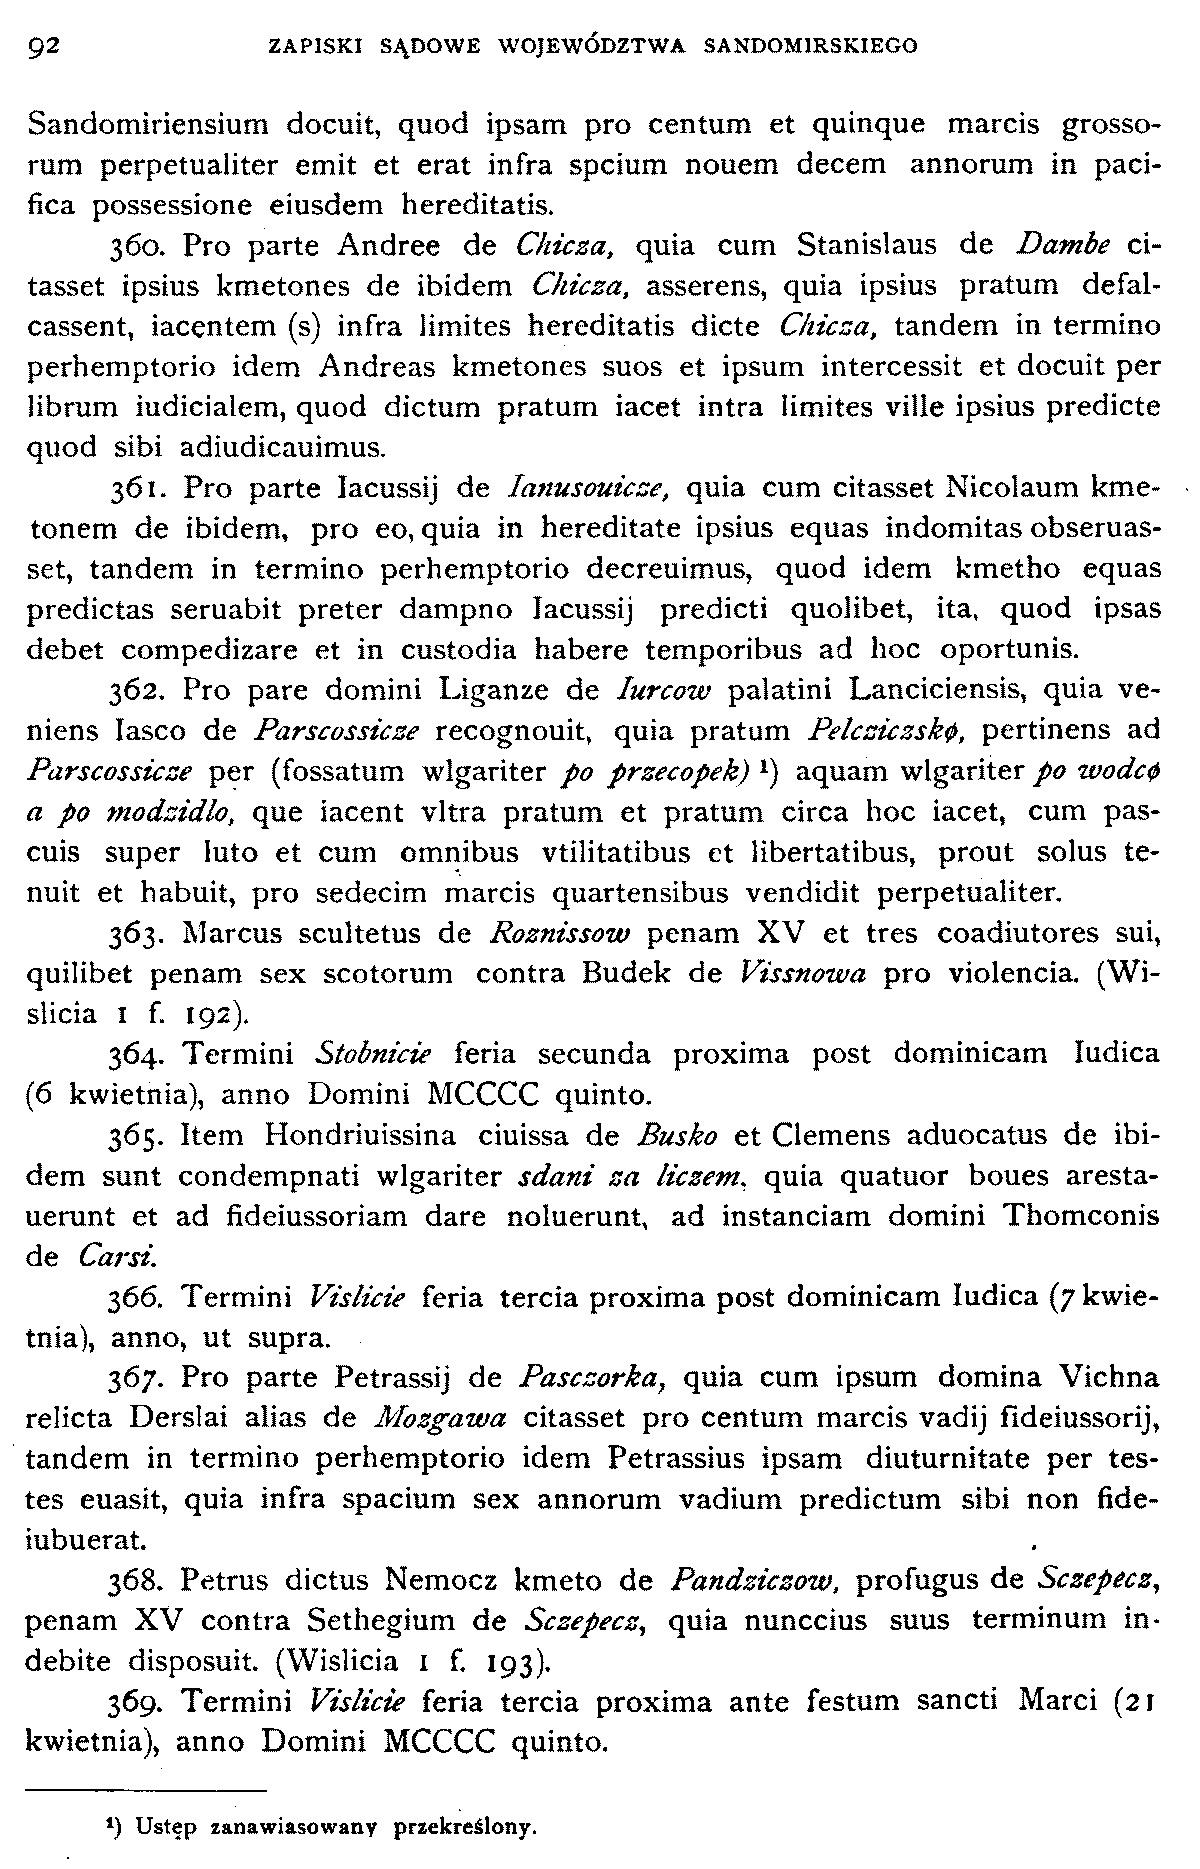 Zapiski sądowe województwa sandomierskiego